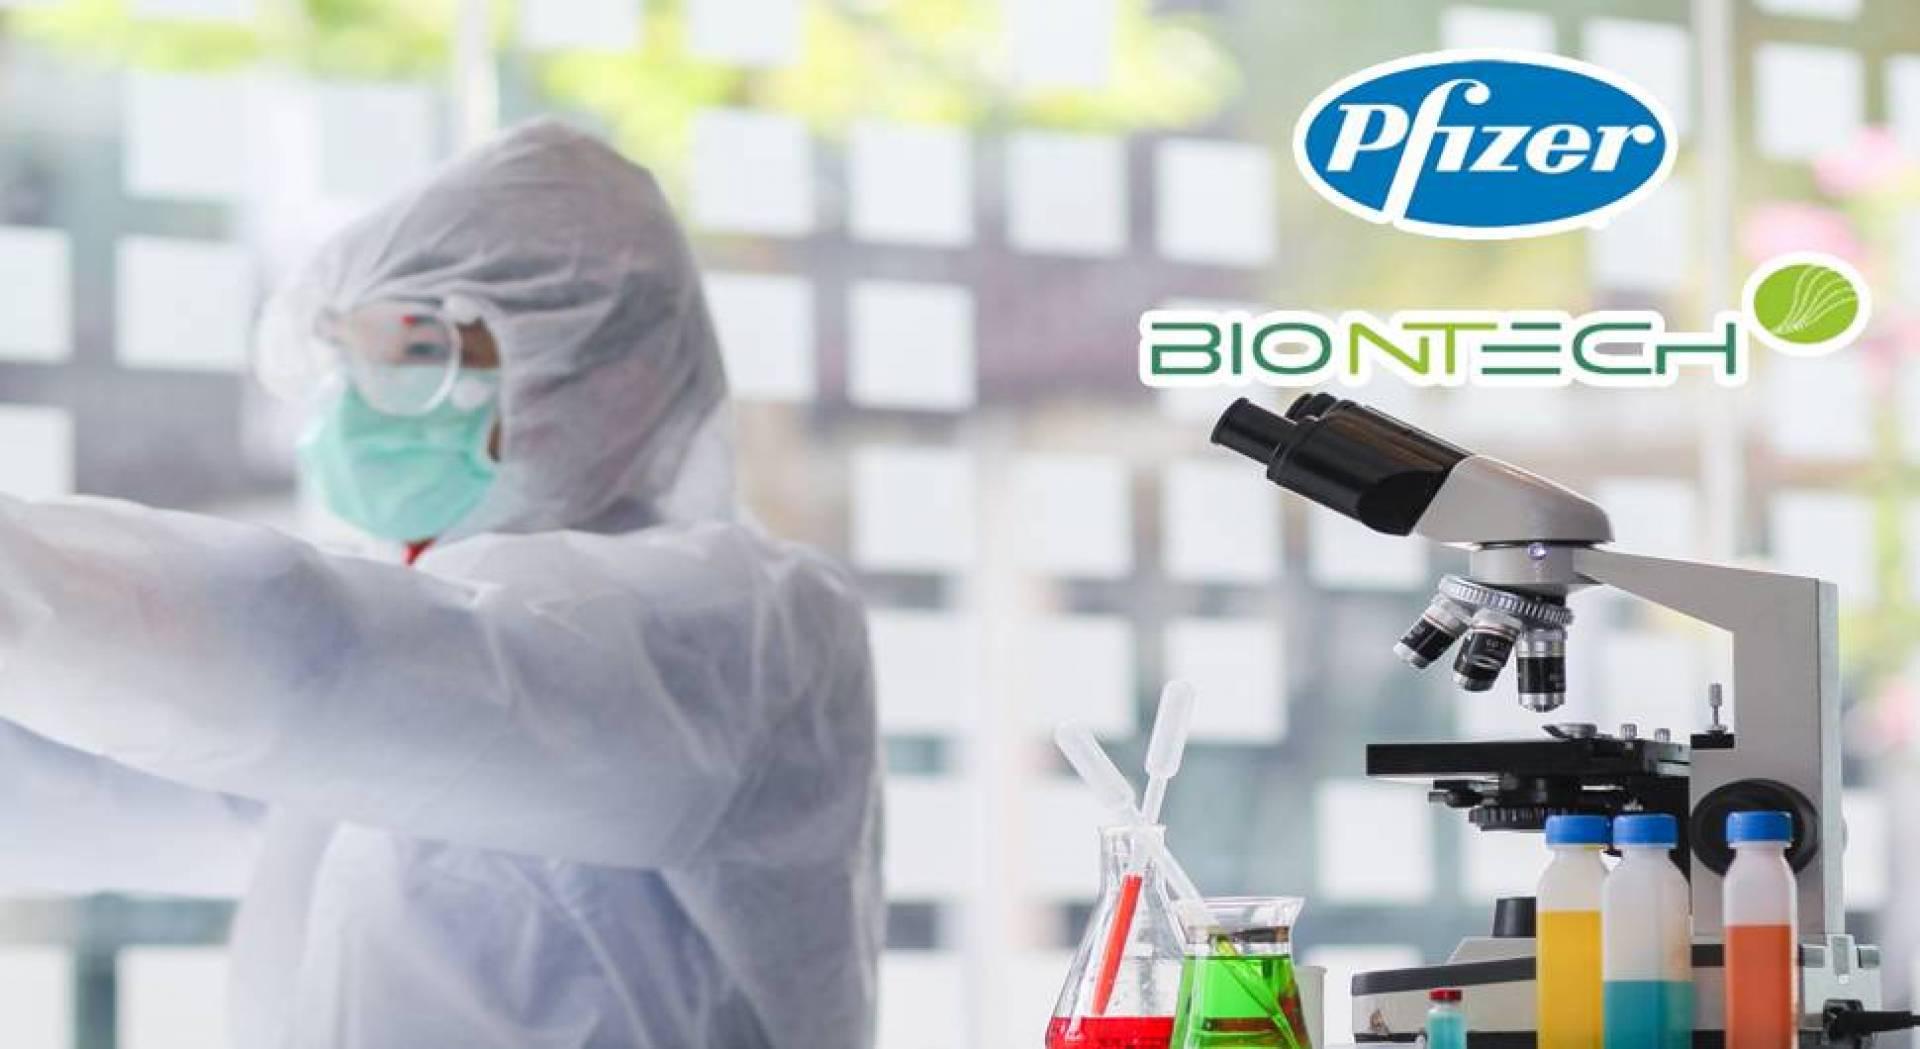 «Pfizer» و«BioNTech» اتفقتا على تزويد اليابان بـ 120 مليون جرعة من لقاح كورونا المُحتمل